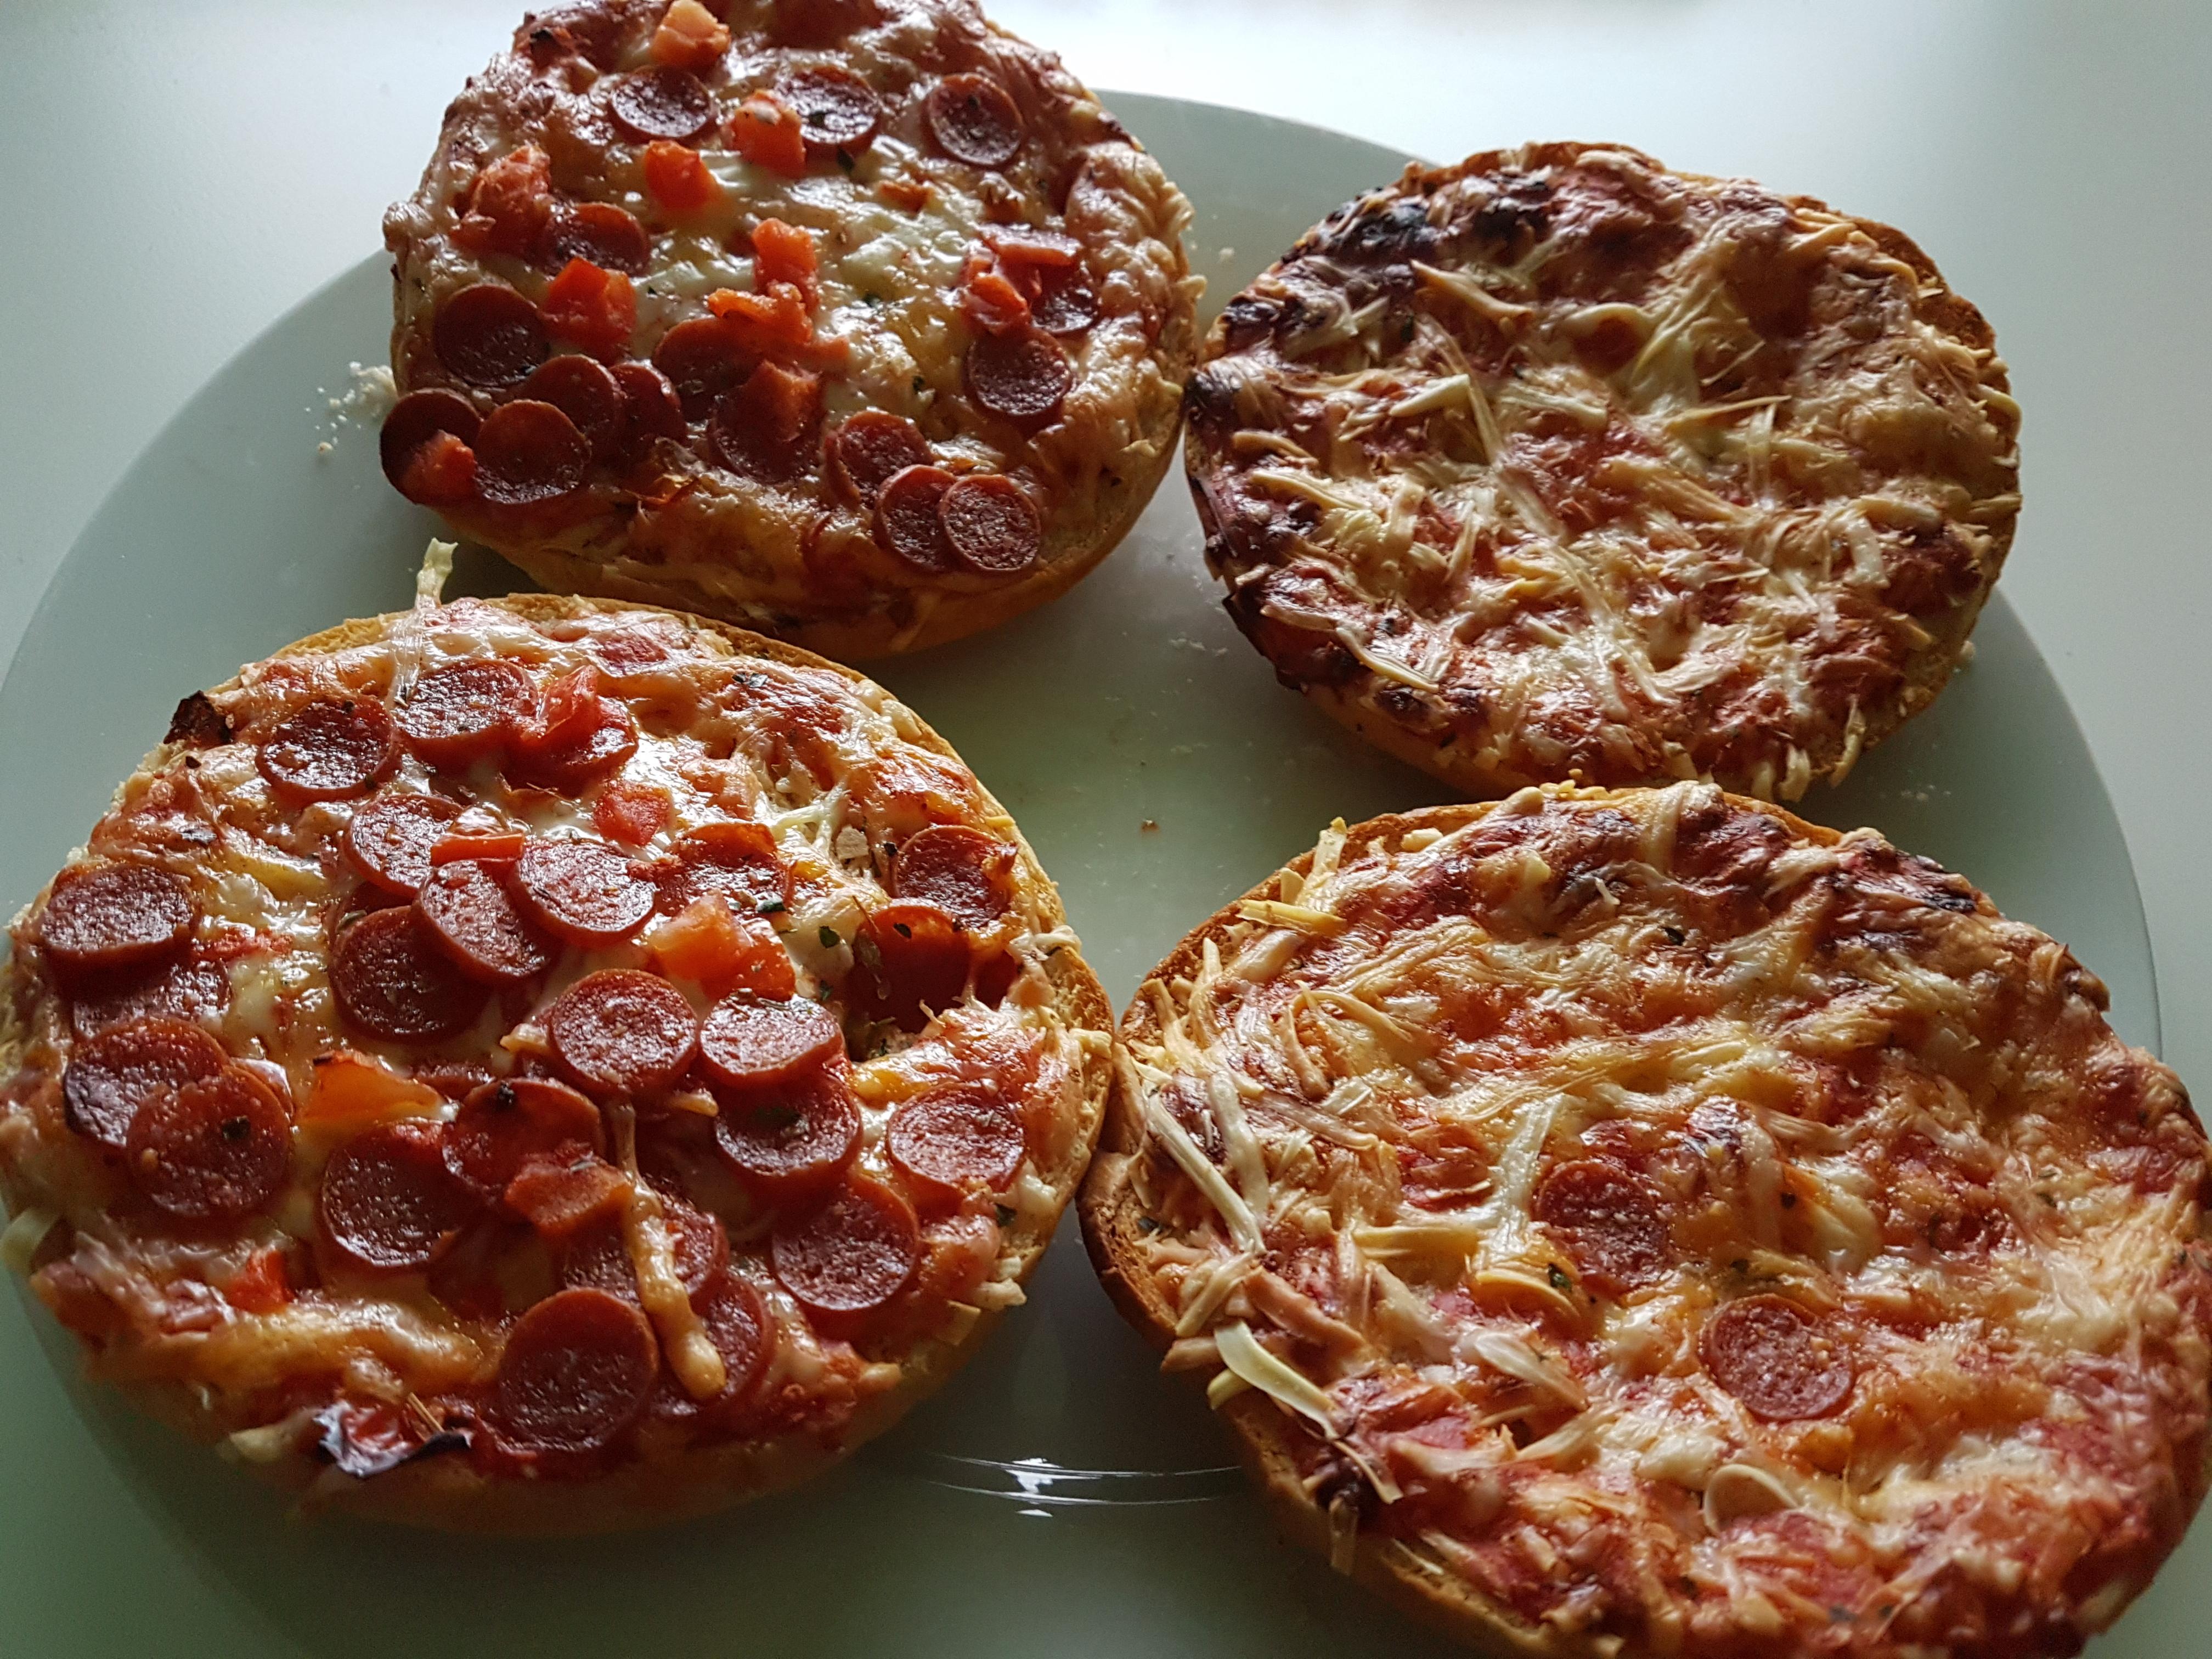 http://foodloader.net/Holz_2018-02-14_Pizzaburger.jpg